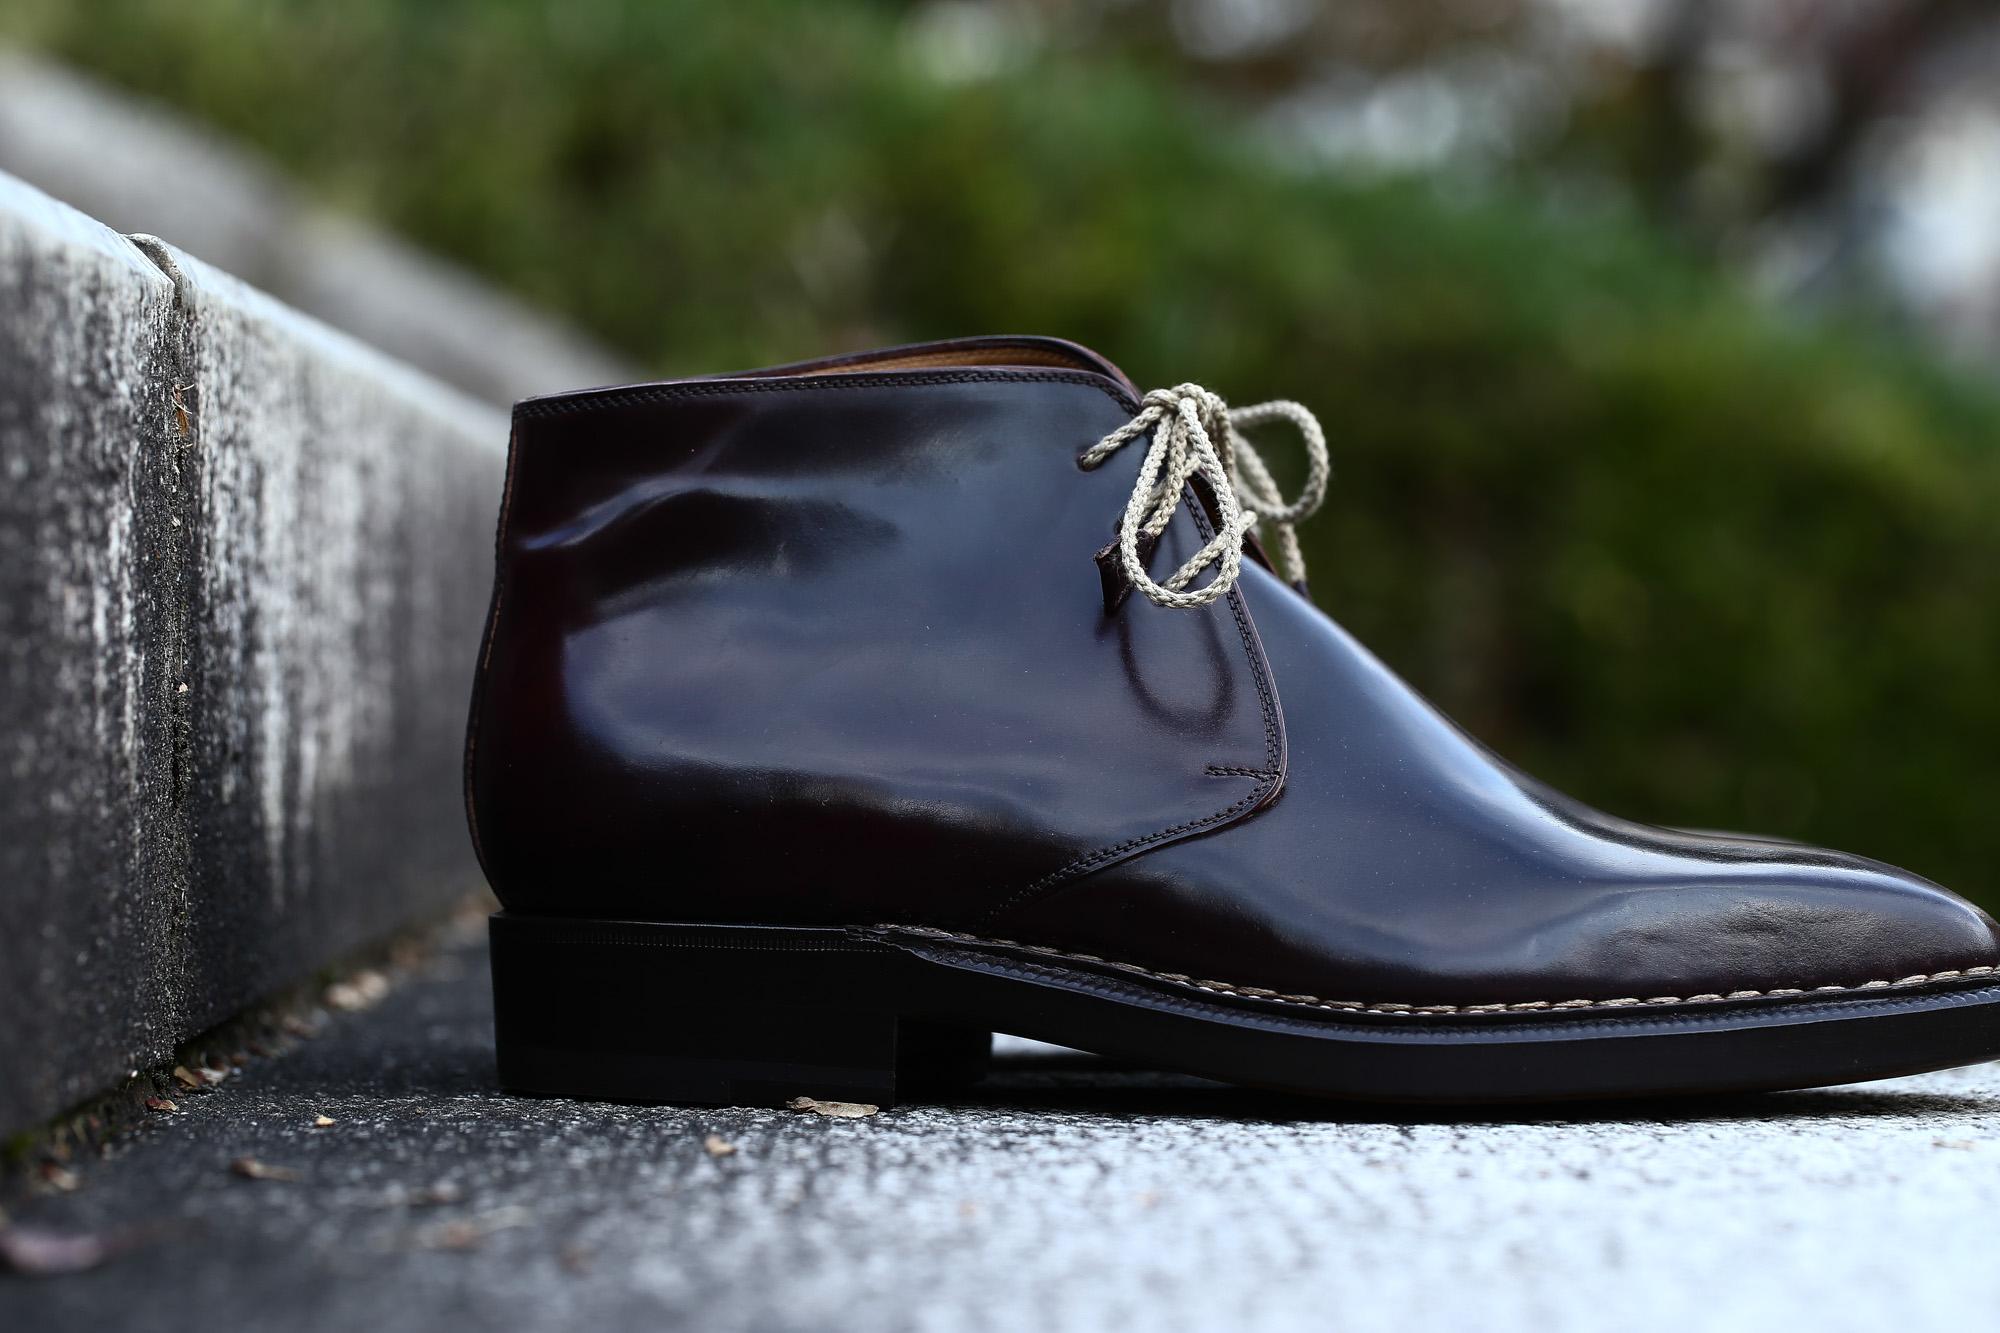 EENZO BONAFE (エンツォボナフェ) ART.3722 Chukka boots Horween Shell Cordovan Leather ホーウィン社 シェルコードバンレザー レザーブーツ コードバンブーツ チャッカブーツ No.8 (バーガンディー) made in Italy(イタリア製) 愛知 名古屋 ZODIAC ゾディアック ボナフェ コードバン ベネチアンクリーム JOHN LOBB ジョンロブ CHURCH'S チャーチ JOSEPH CHEANEY ジョセフチーニー CORTHAY コルテ ALFRED SARGENT アルフレッドサージェント CROCKETT&JONES クロケットジョーンズ F.LLI GIACOMETTI フラテッリジャコメッティ ENZO BONAFE エンツォボナフェ BETTANIN&VENTURI ベッタニンヴェントゥーリ JALAN SRIWIJAYA ジャランスリウァヤ J.W.WESTON ジェイエムウエストン SANTONI サントーニ SERGIO ROSSI セルジオロッシ CARMINA カルミナ